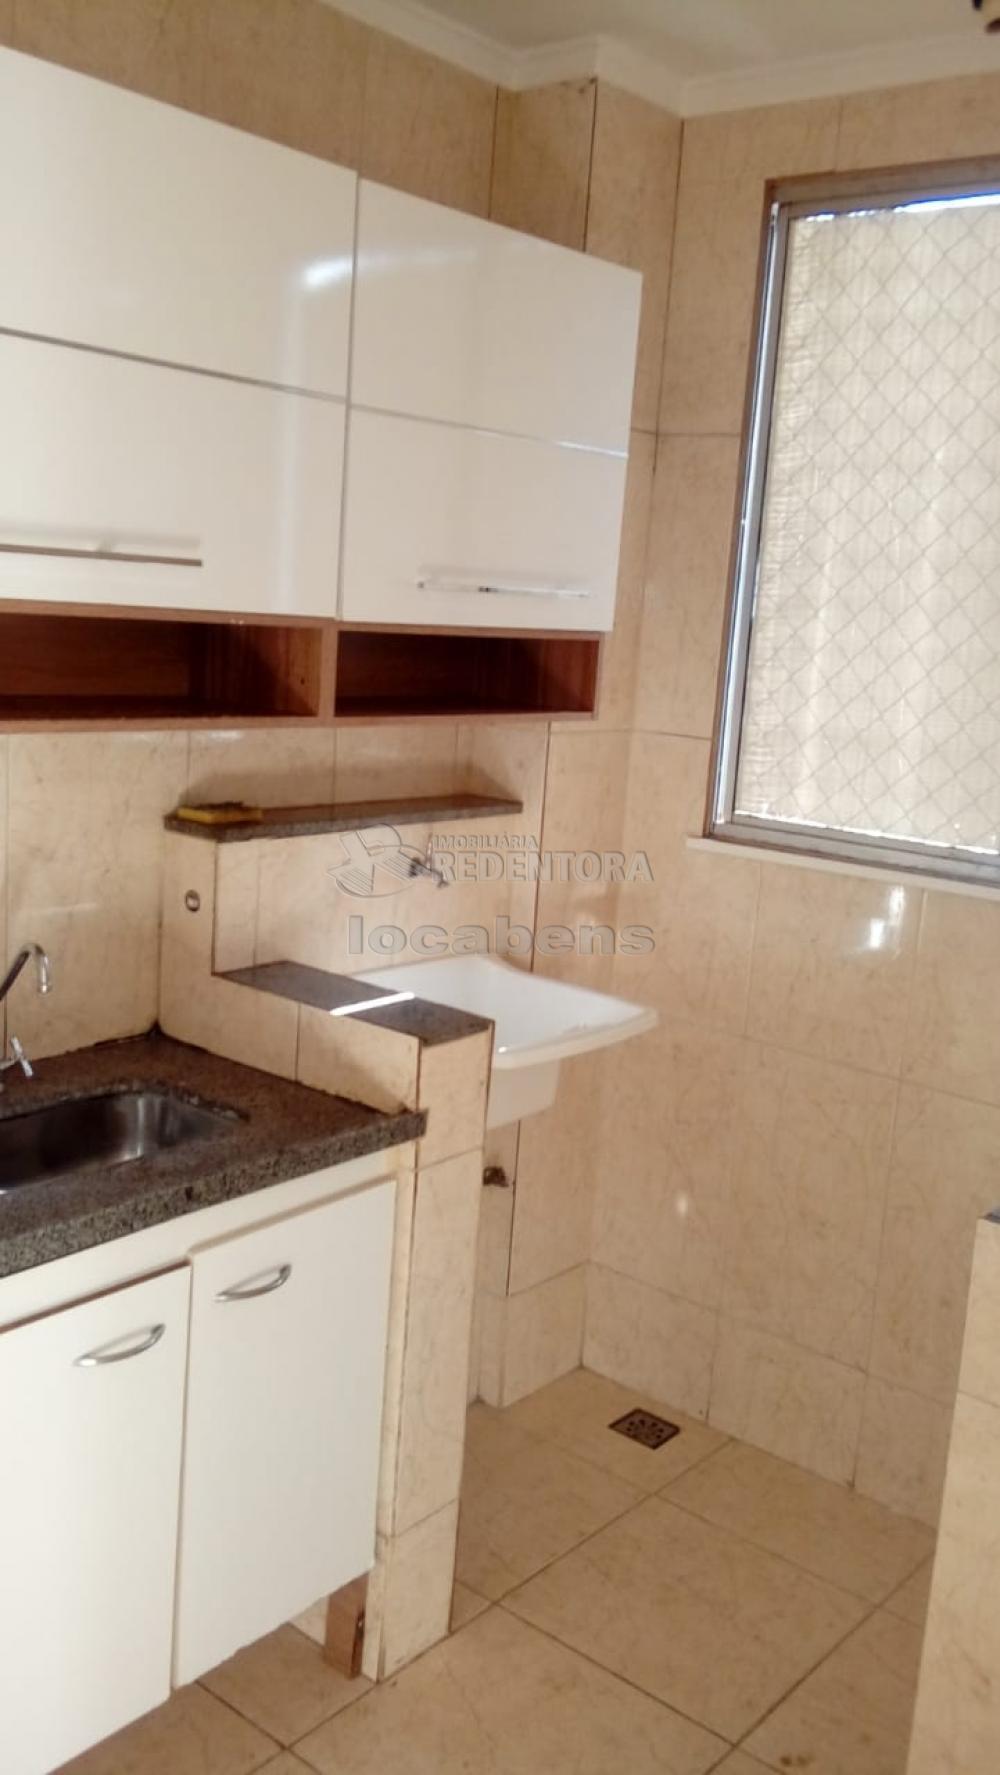 Comprar Apartamento / Padrão em São José do Rio Preto R$ 145.000,00 - Foto 12